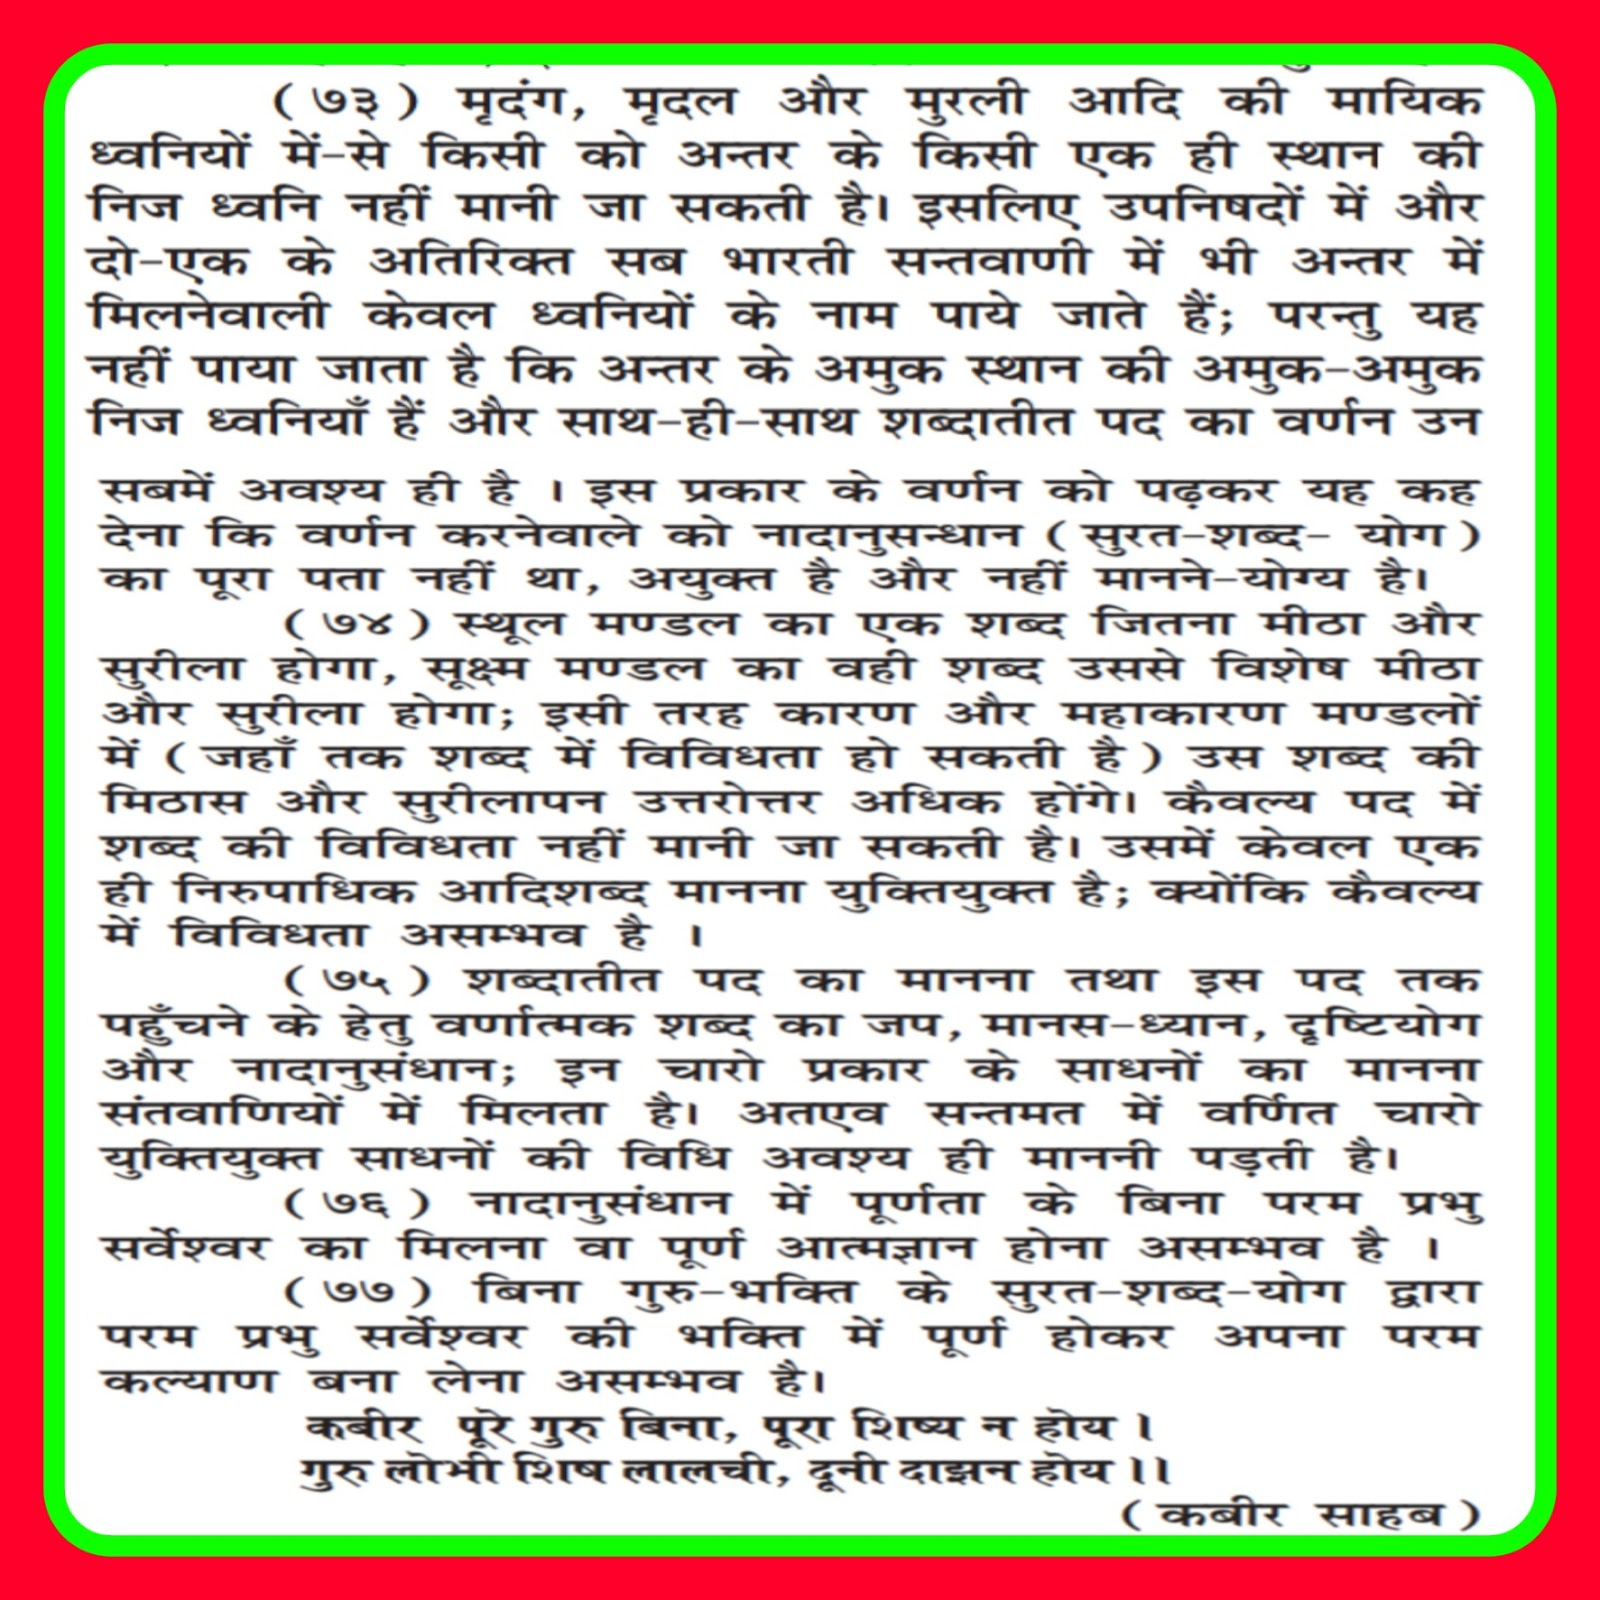 मोक्ष दर्शन पारा 73 से 77 तक